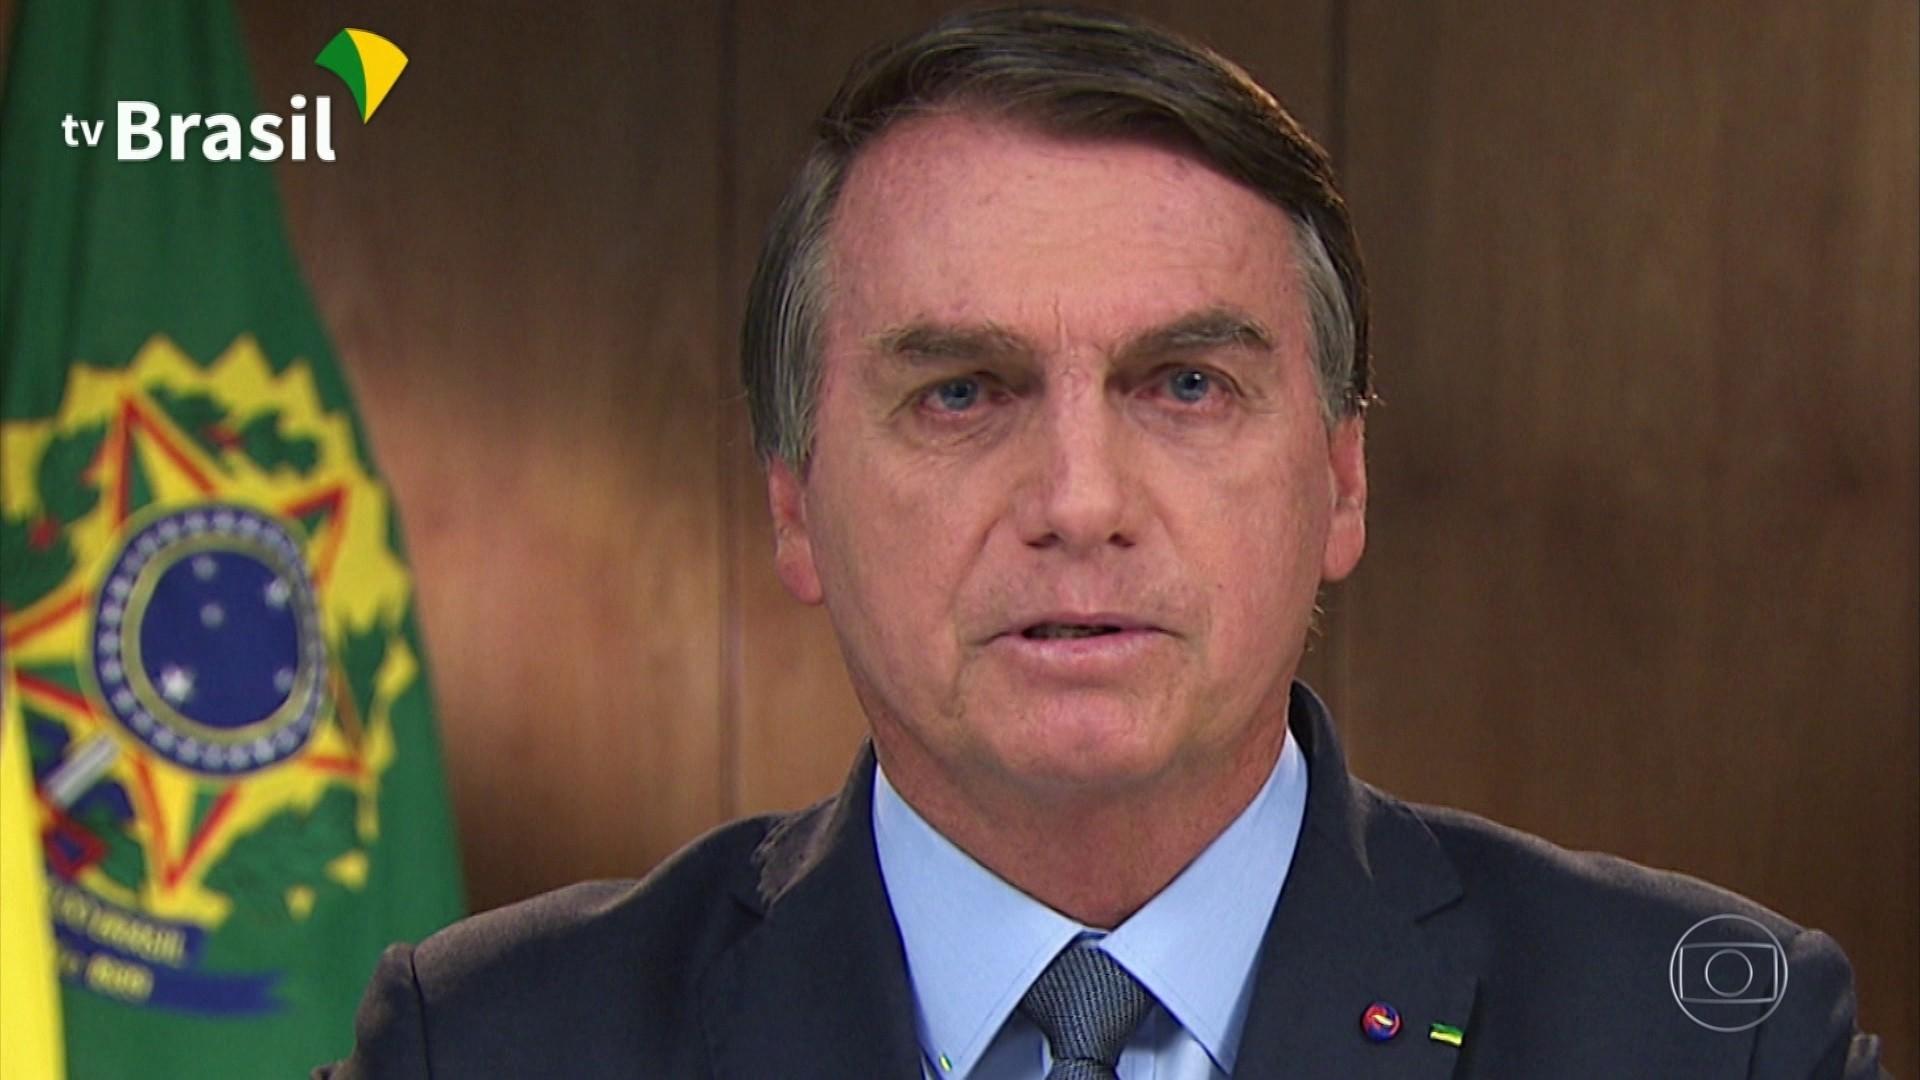 Bolsonaro chega a hospital de SP para fazer cirurgia da retirada de cálculo da bexiga